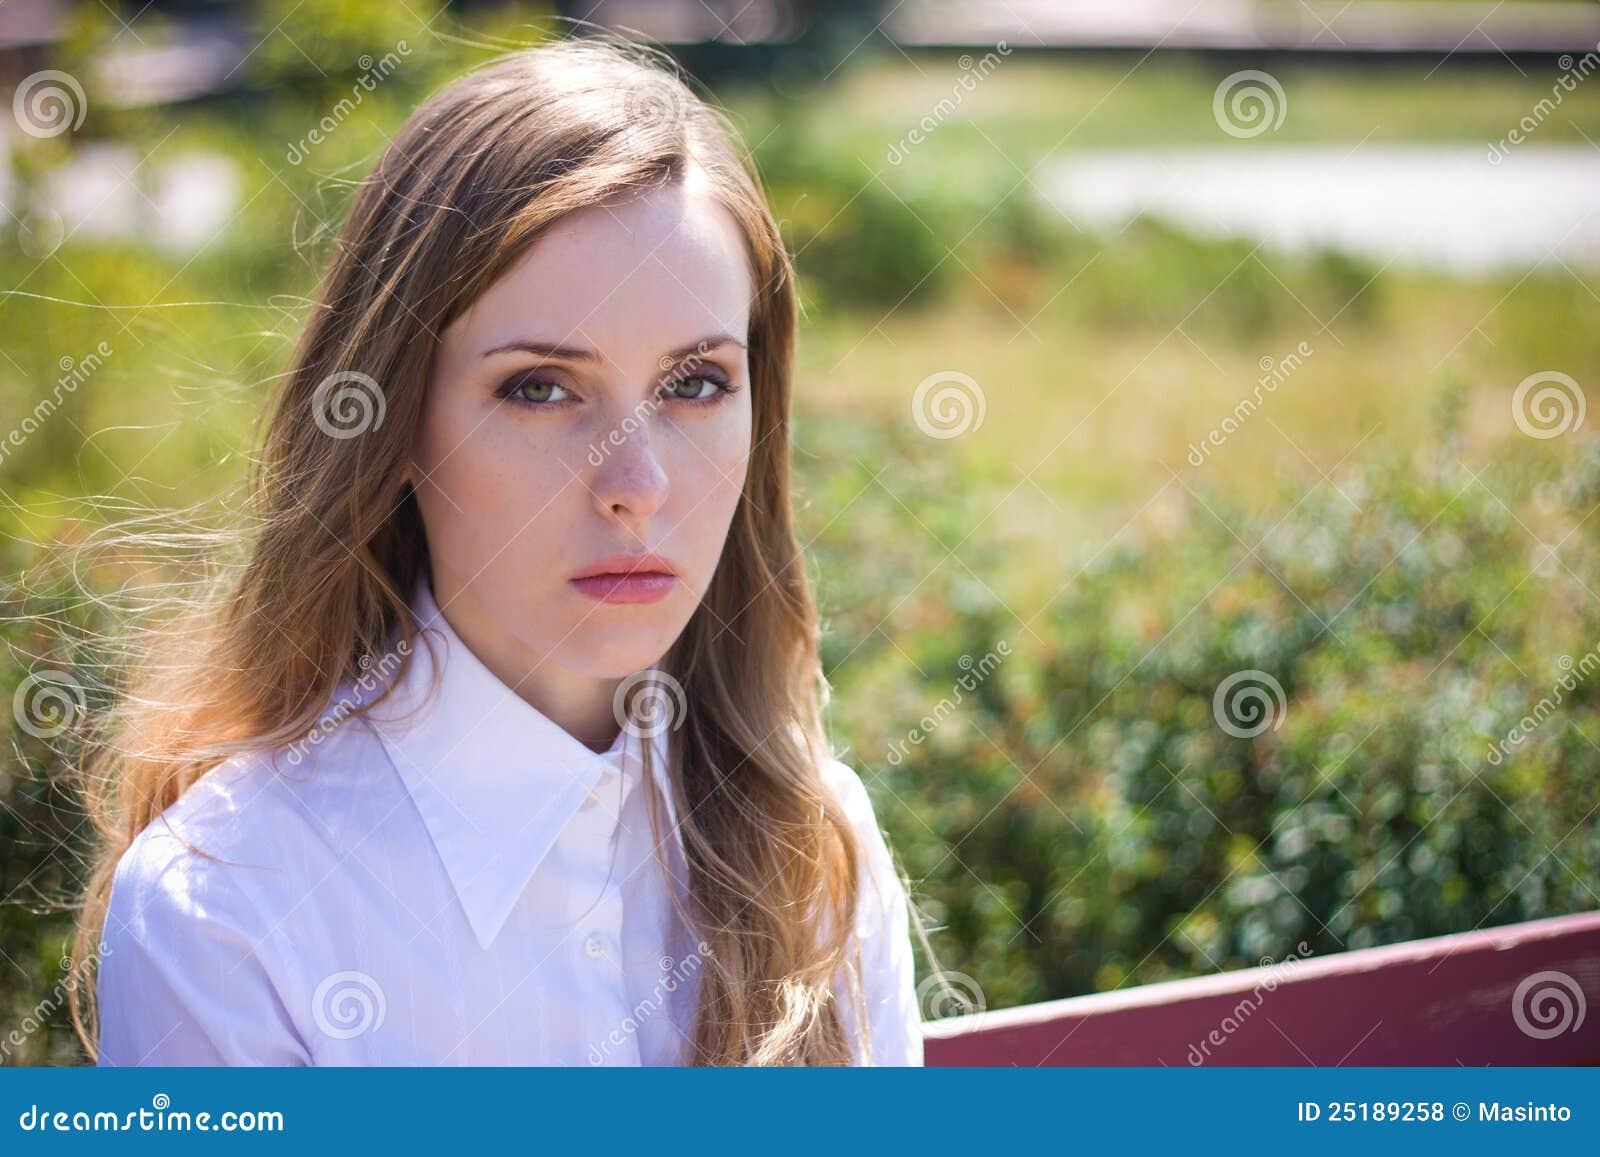 камера смотрит унылую женщину